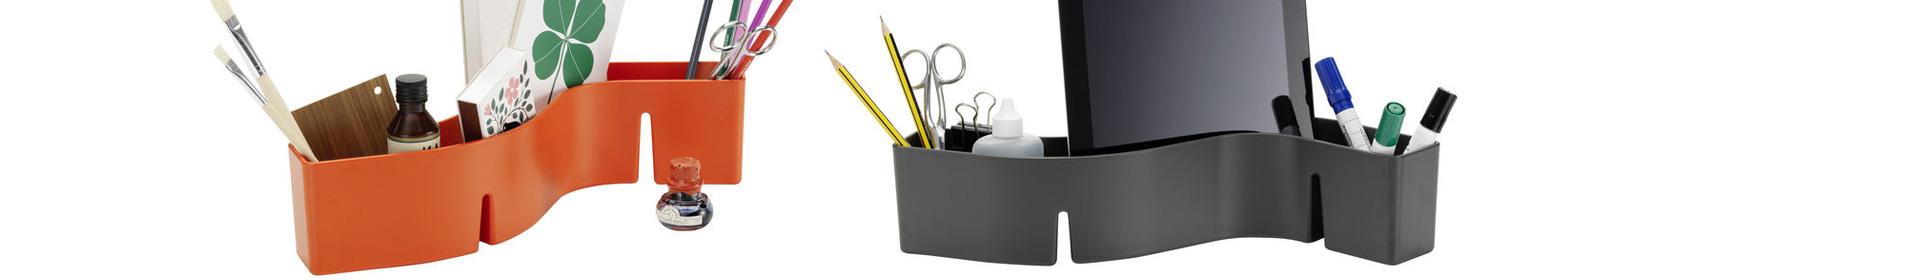 Oggetti di design per la scrivania shop online su dtime for Oggetti design online